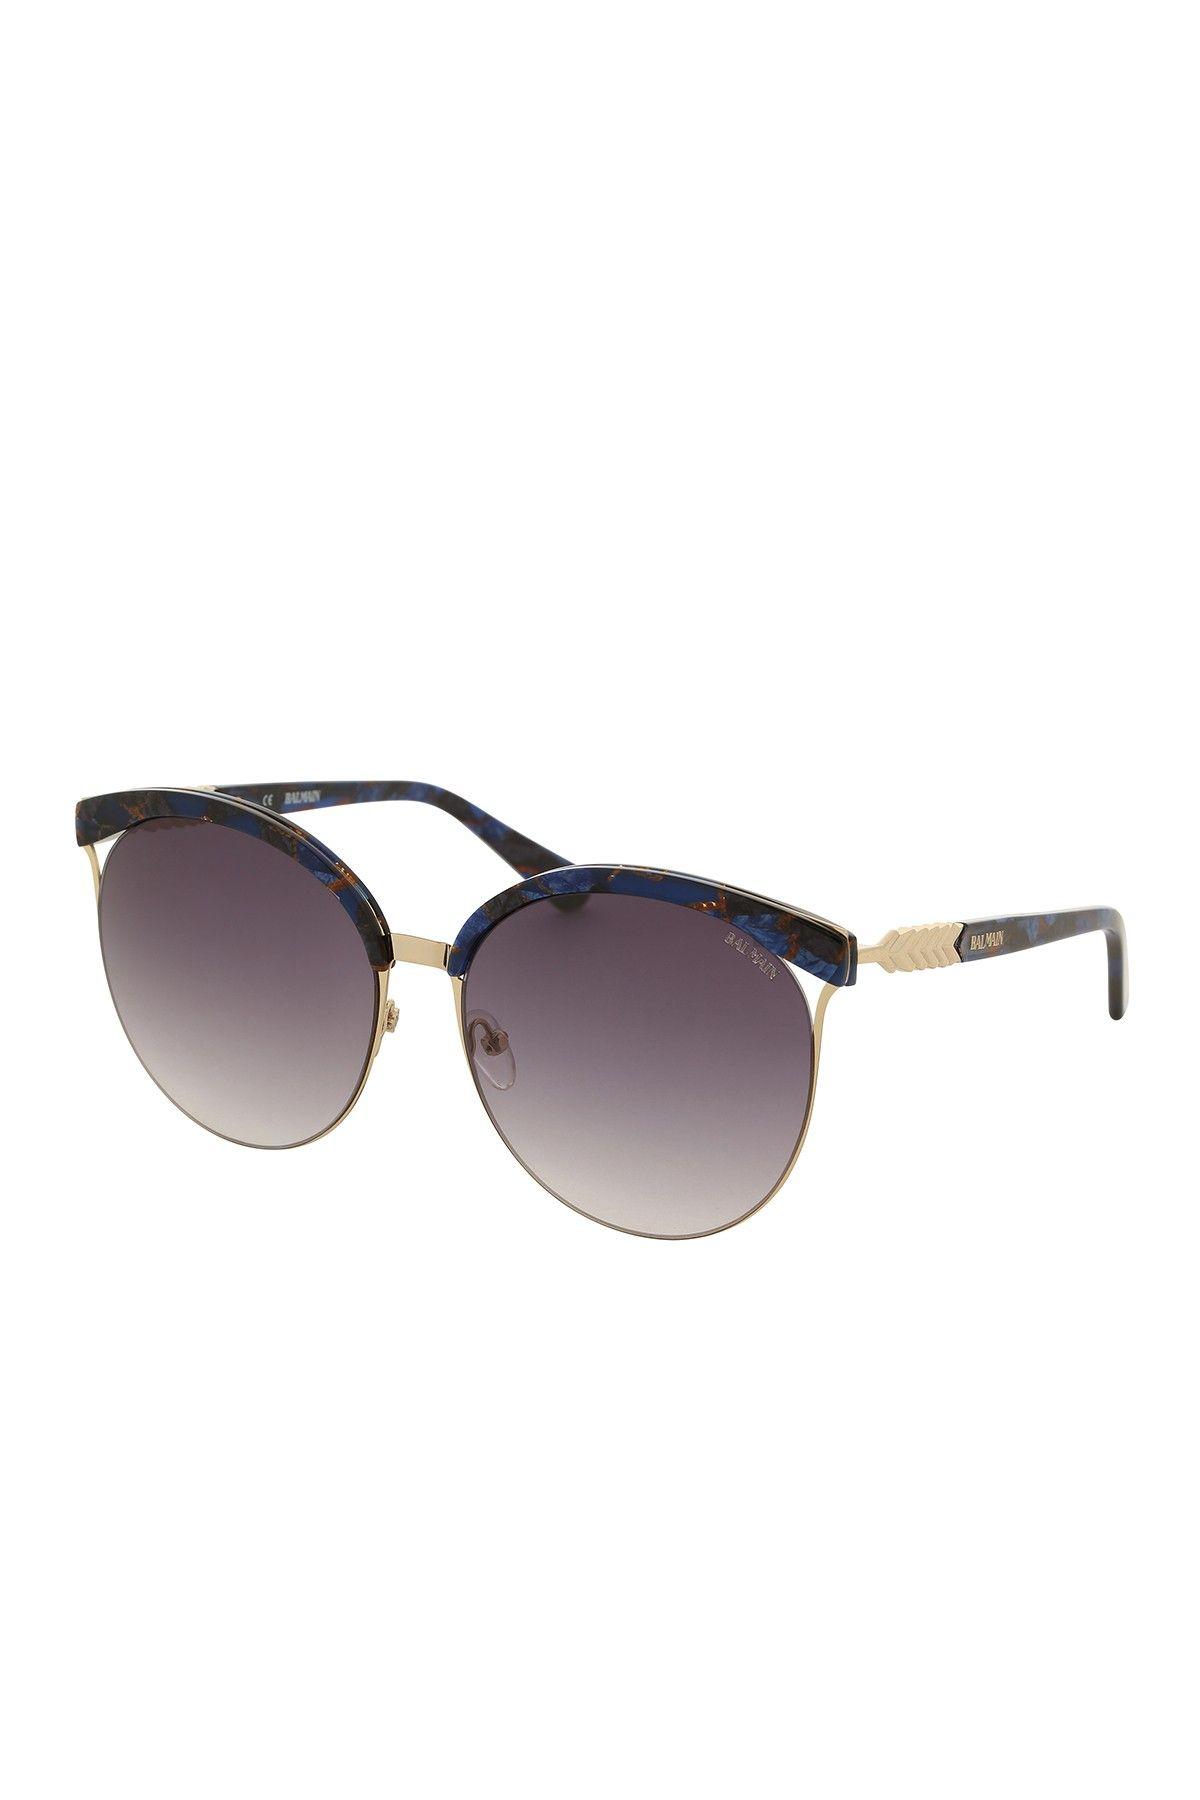 a8566f95895c Women s Clubmaster Metal Frame Sunglasses Sunglass Frames